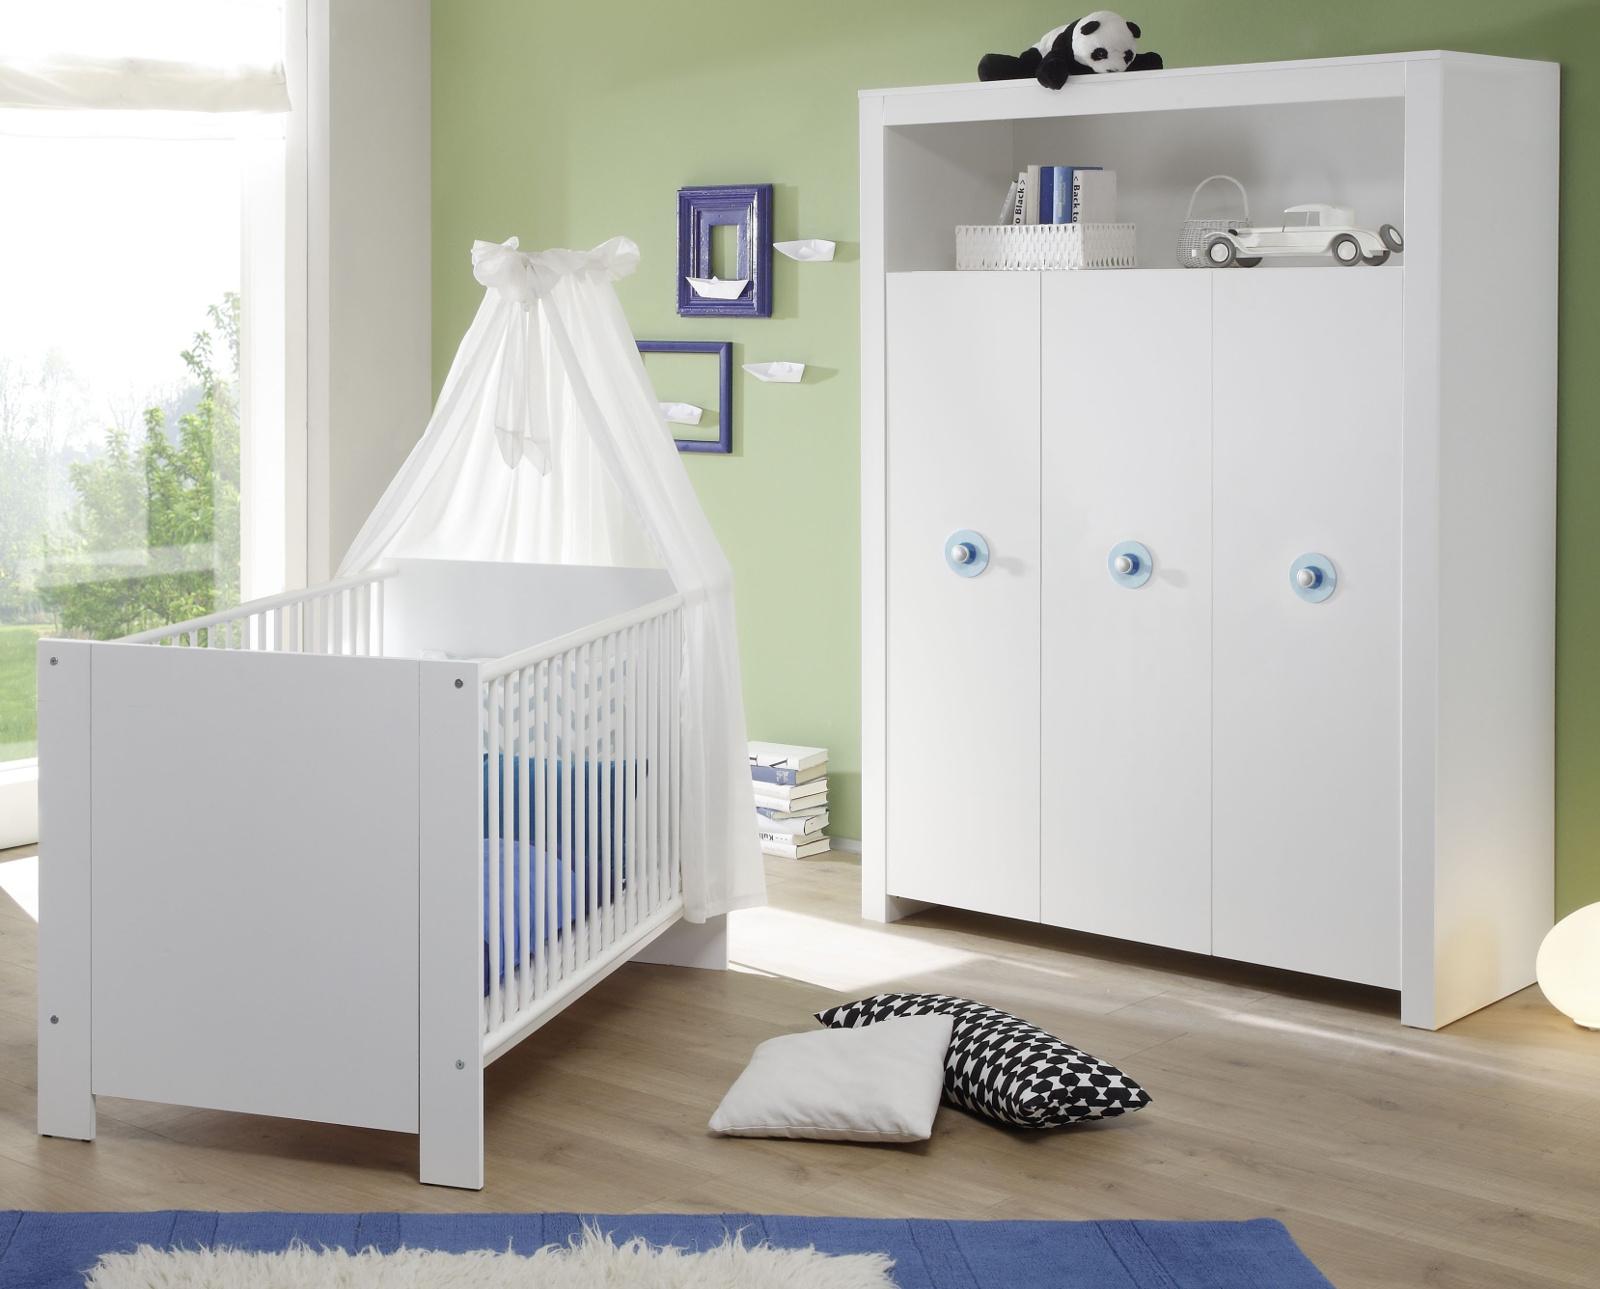 kinderzimmer blau | jtleigh.com - hausgestaltung ideen - Kinderzimmer Blau Weis